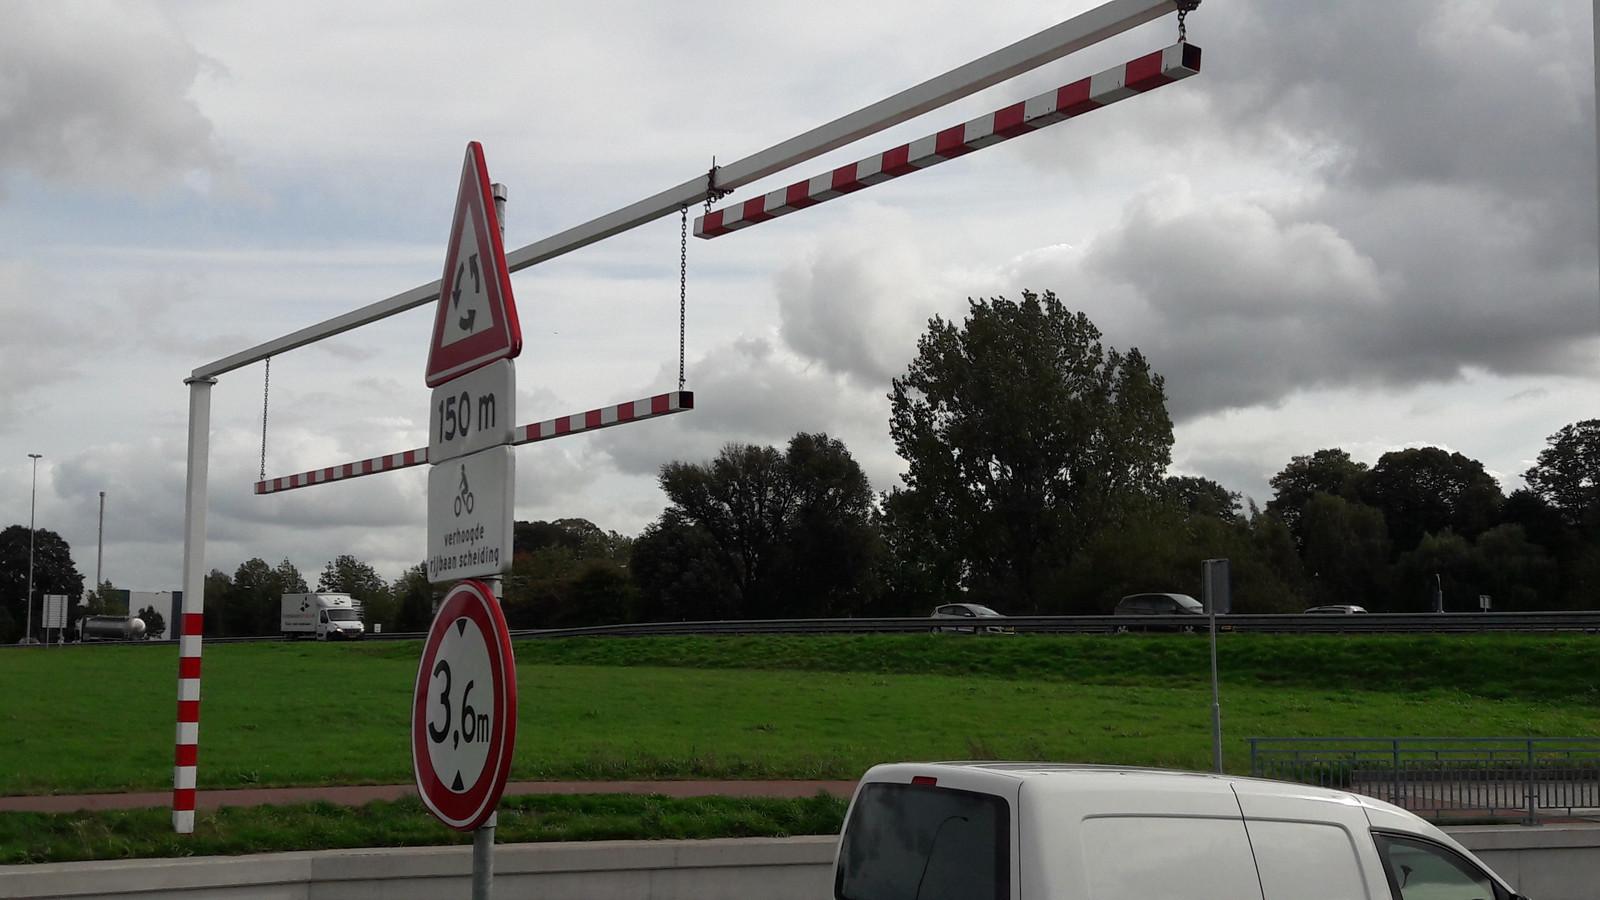 De gemeente is van mening dat alles is gedaan om vastrijdende vrachtwagens te voorkomen. Het zou wel handig zijn als deze - hardhandige - waarschuwingsbalk op de juiste hoogte zou hangen.